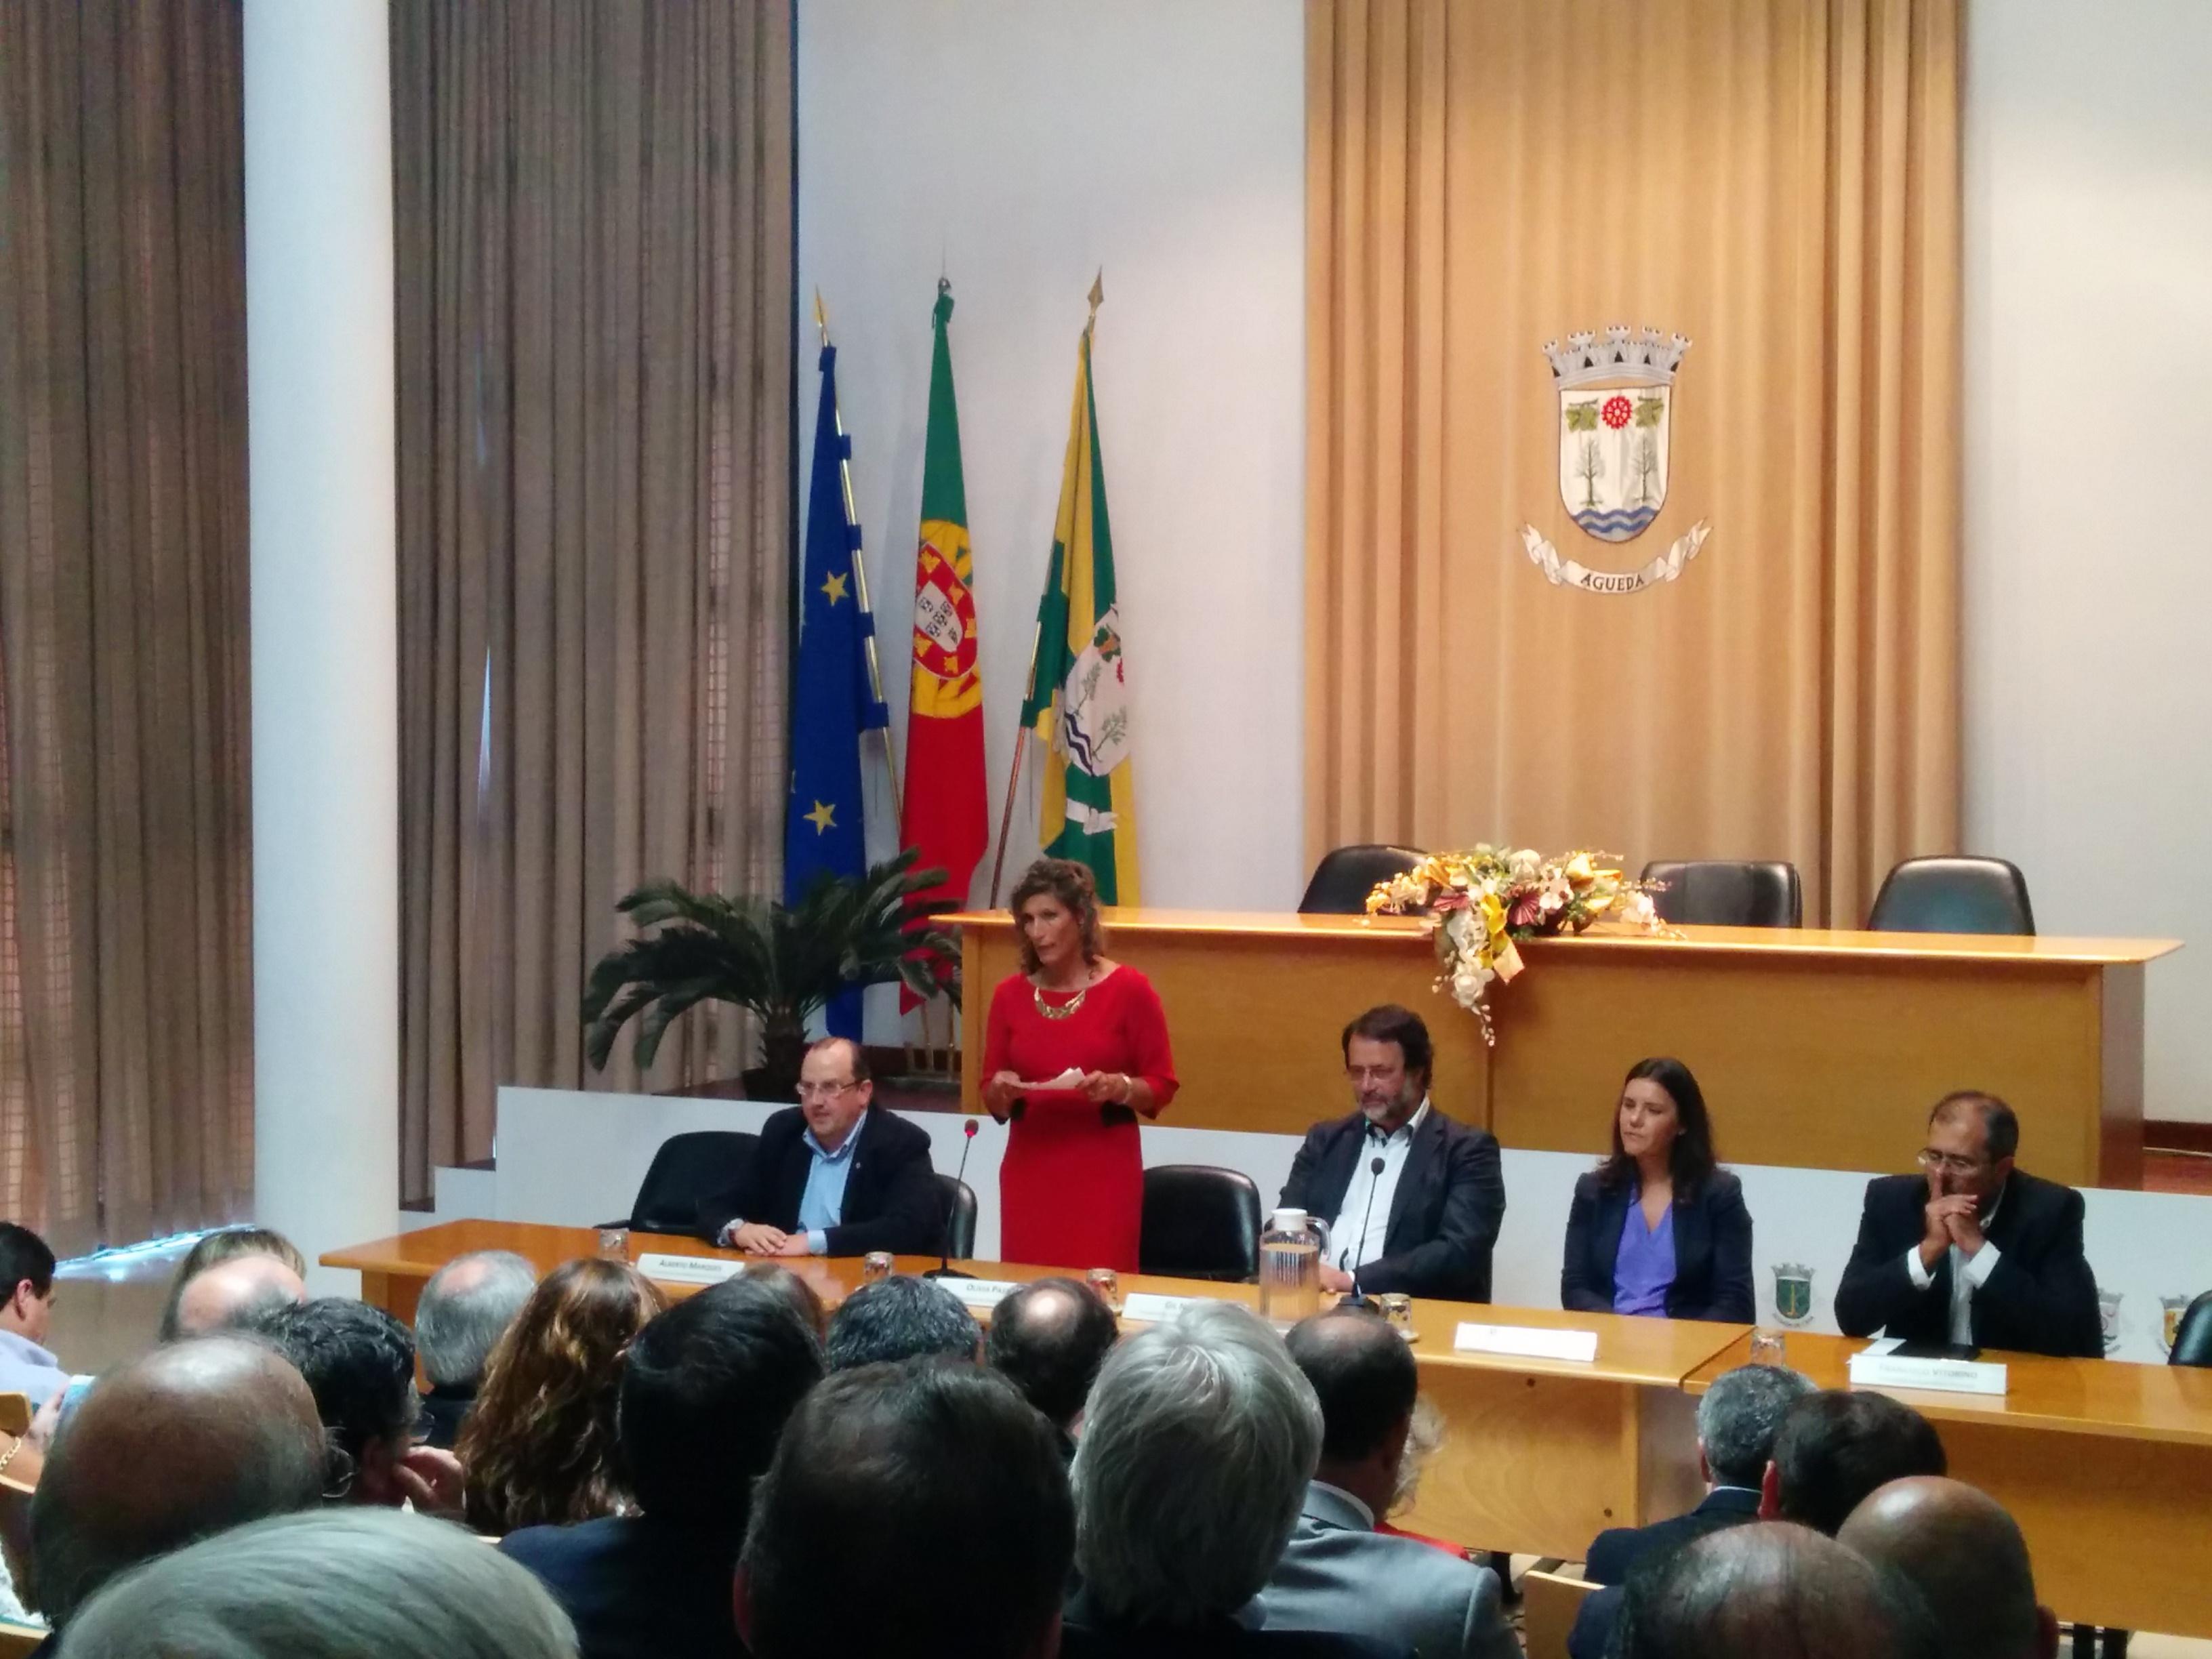 Ministra da Agricultura preside à abertura da Festa do Leitão em Águeda